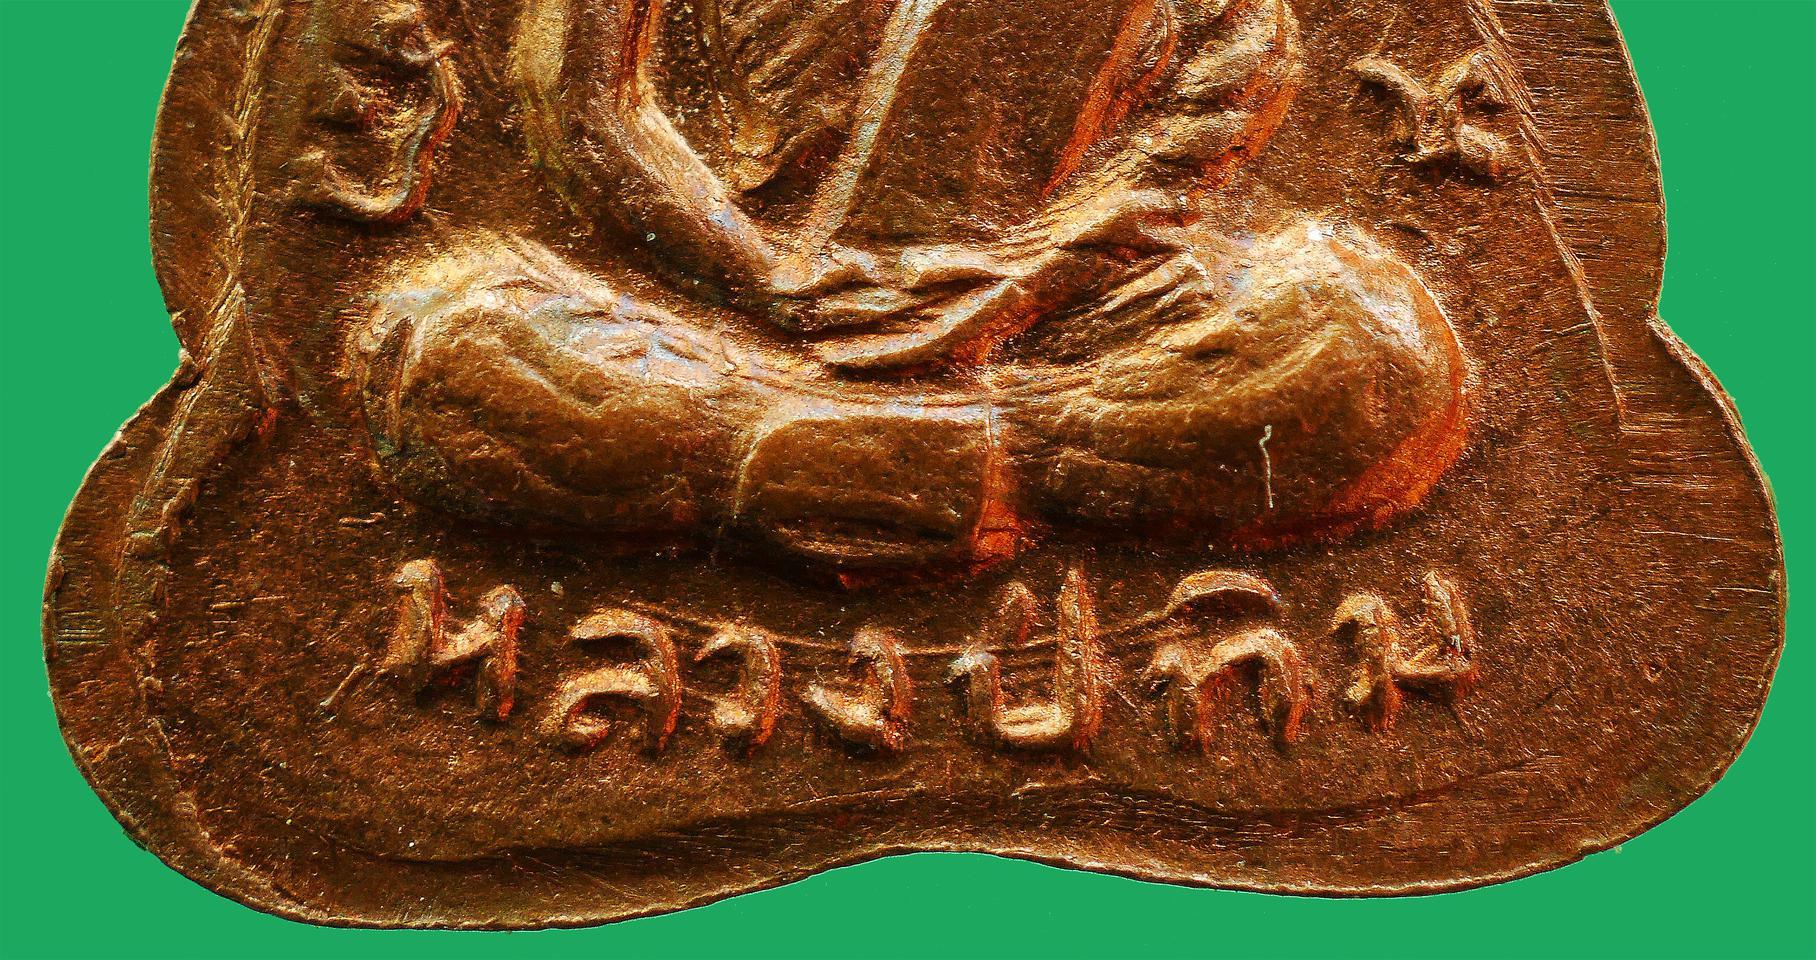 พระปิดตาหลังรูปเหมือน หลวงปู่ทิม วัดละหารไร่ ปี พ.ศ.2517...สวยเดิม รูปที่ 6